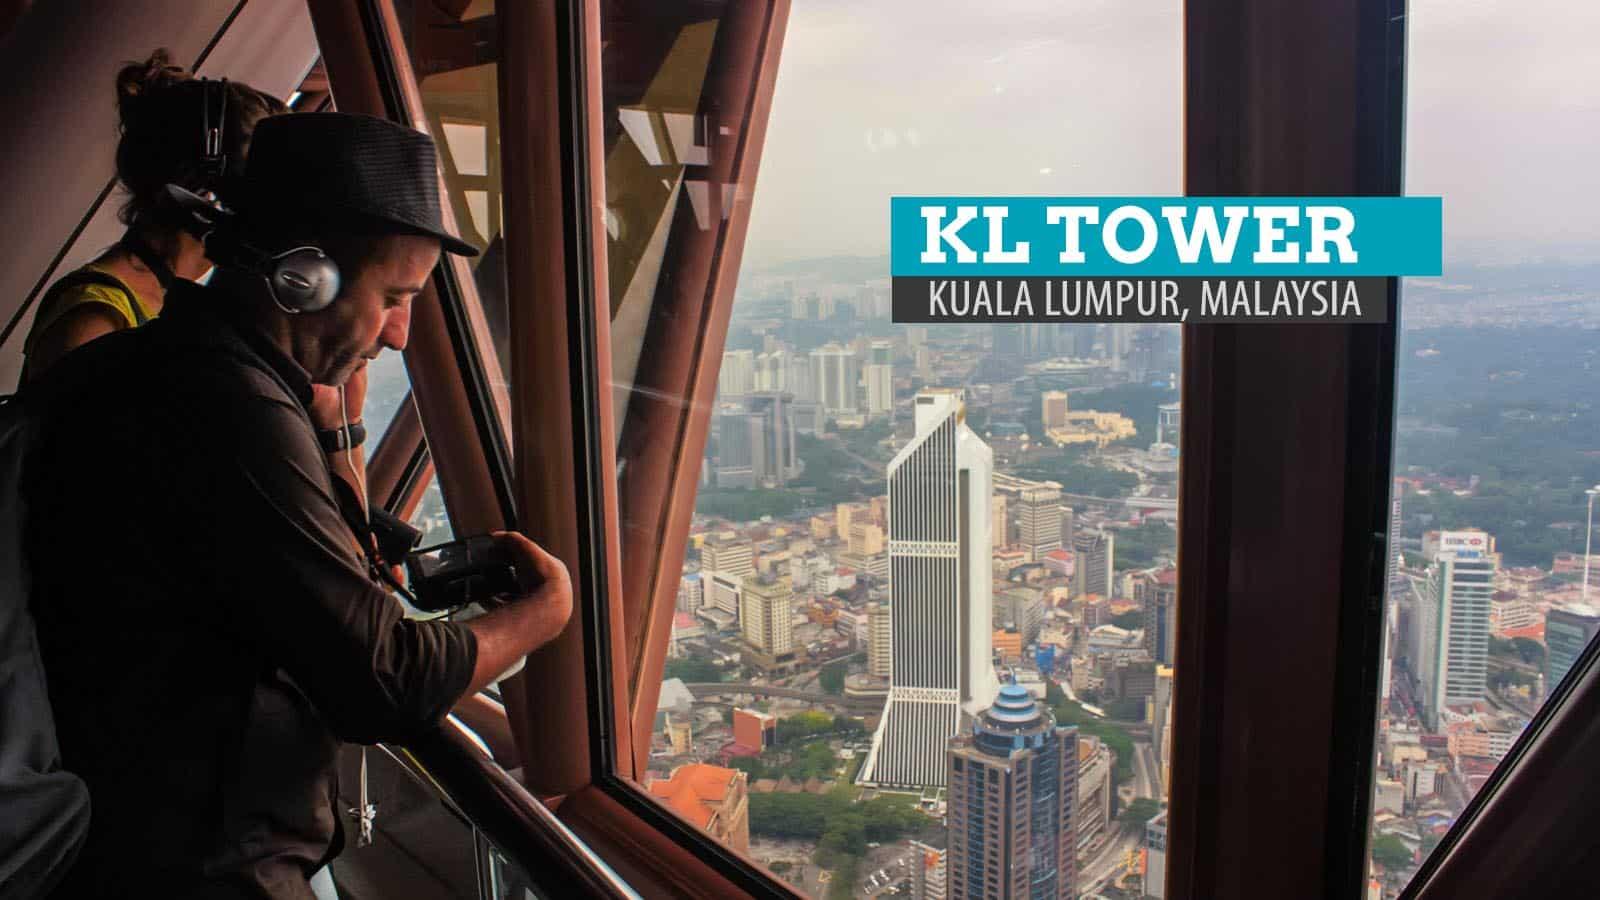 吉隆坡塔楼和1个马来西亚文化村。吉隆坡,马来西亚 | 穷游者的行程安排博客